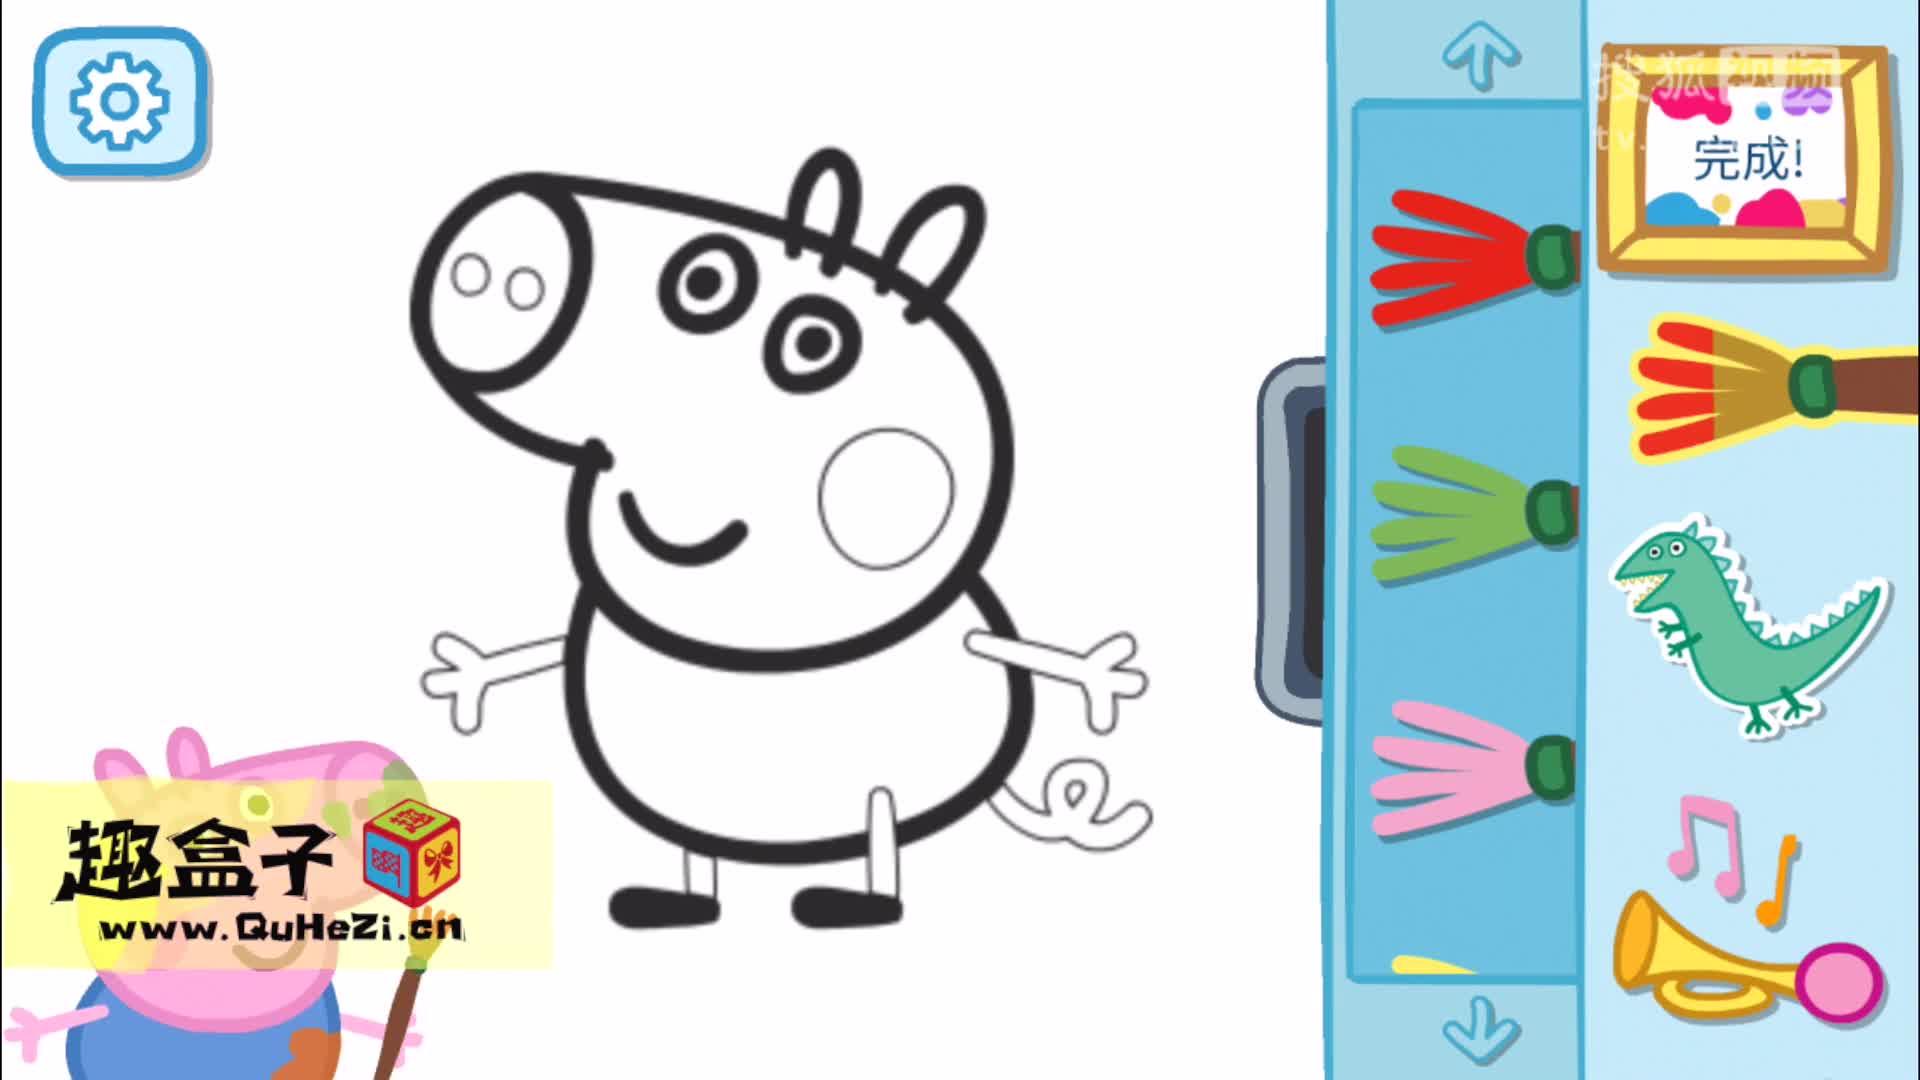 粉红猪小妹 小猪佩奇画画游戏 画乔治 s01e02-小猪佩琪毛绒玩具乔治